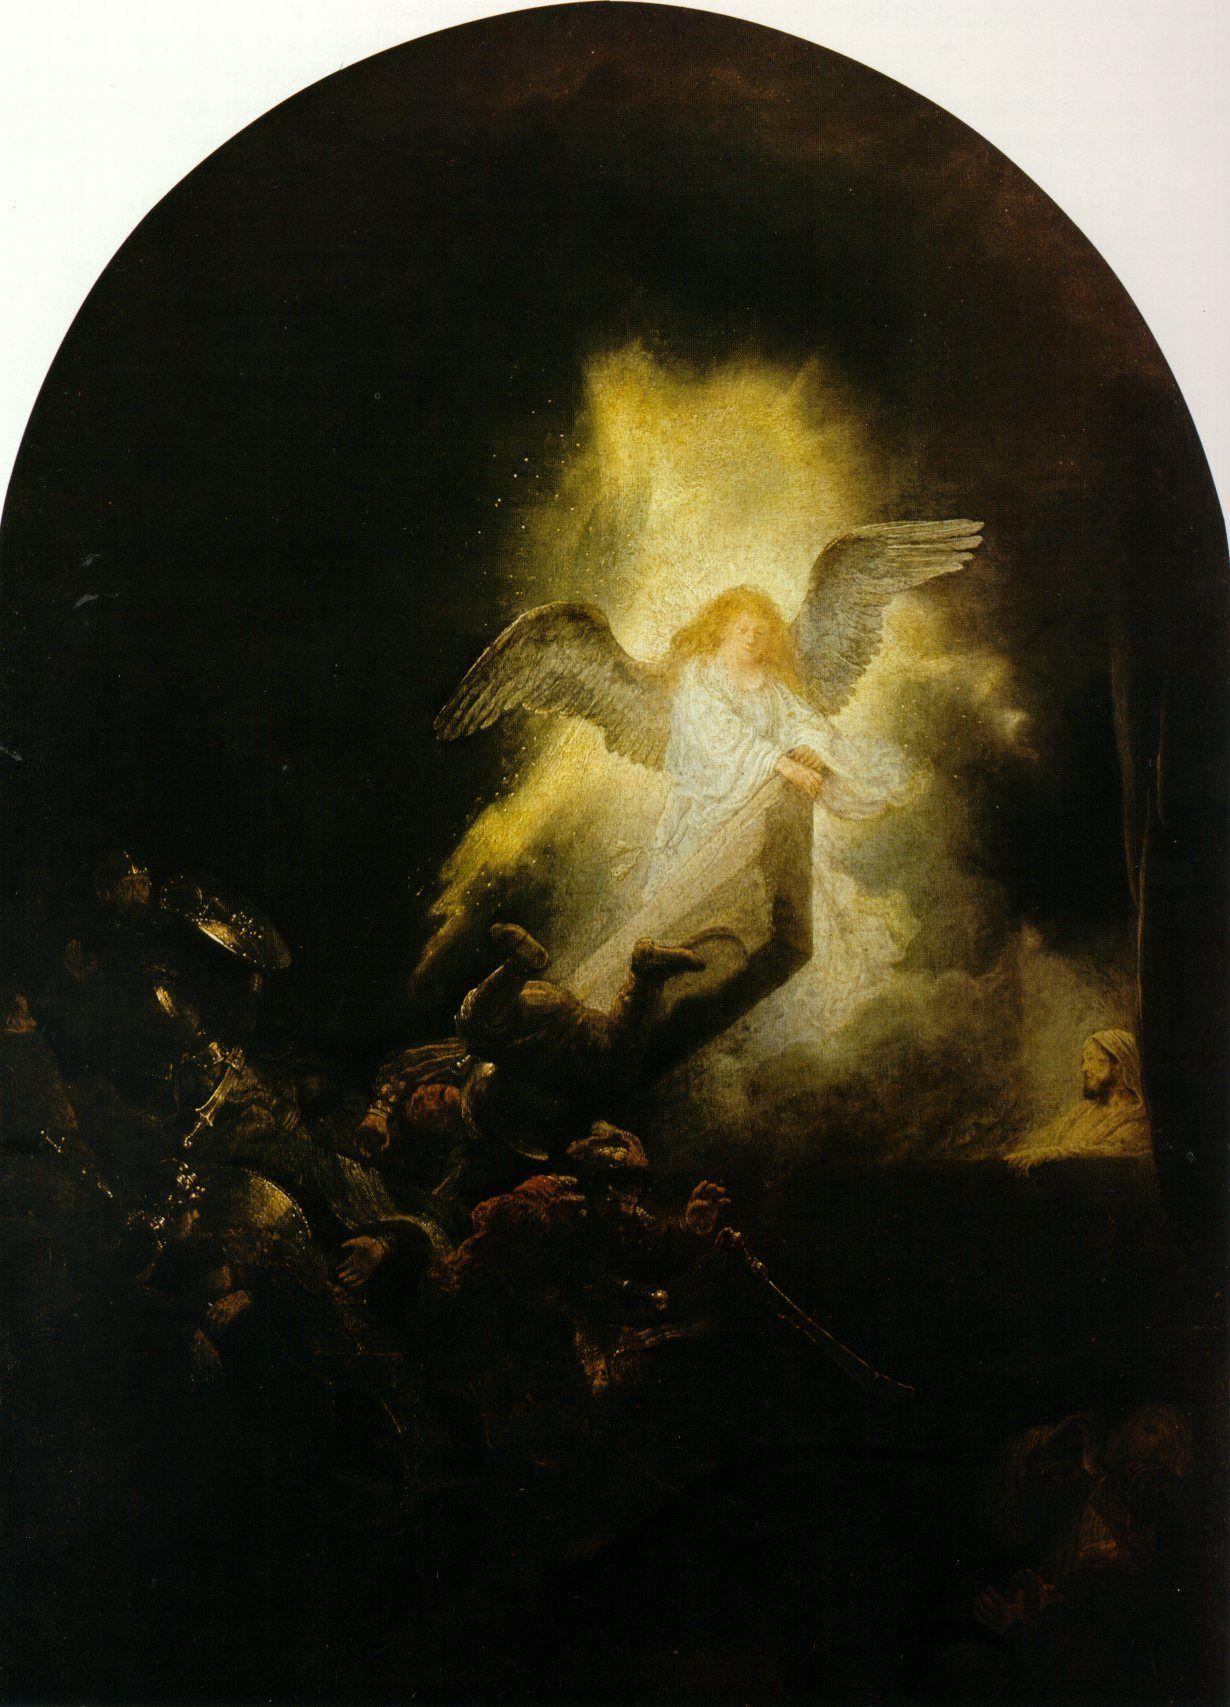 Рембрандт ван Рейн. Воскресение Христово. 1636-1639.                                       .